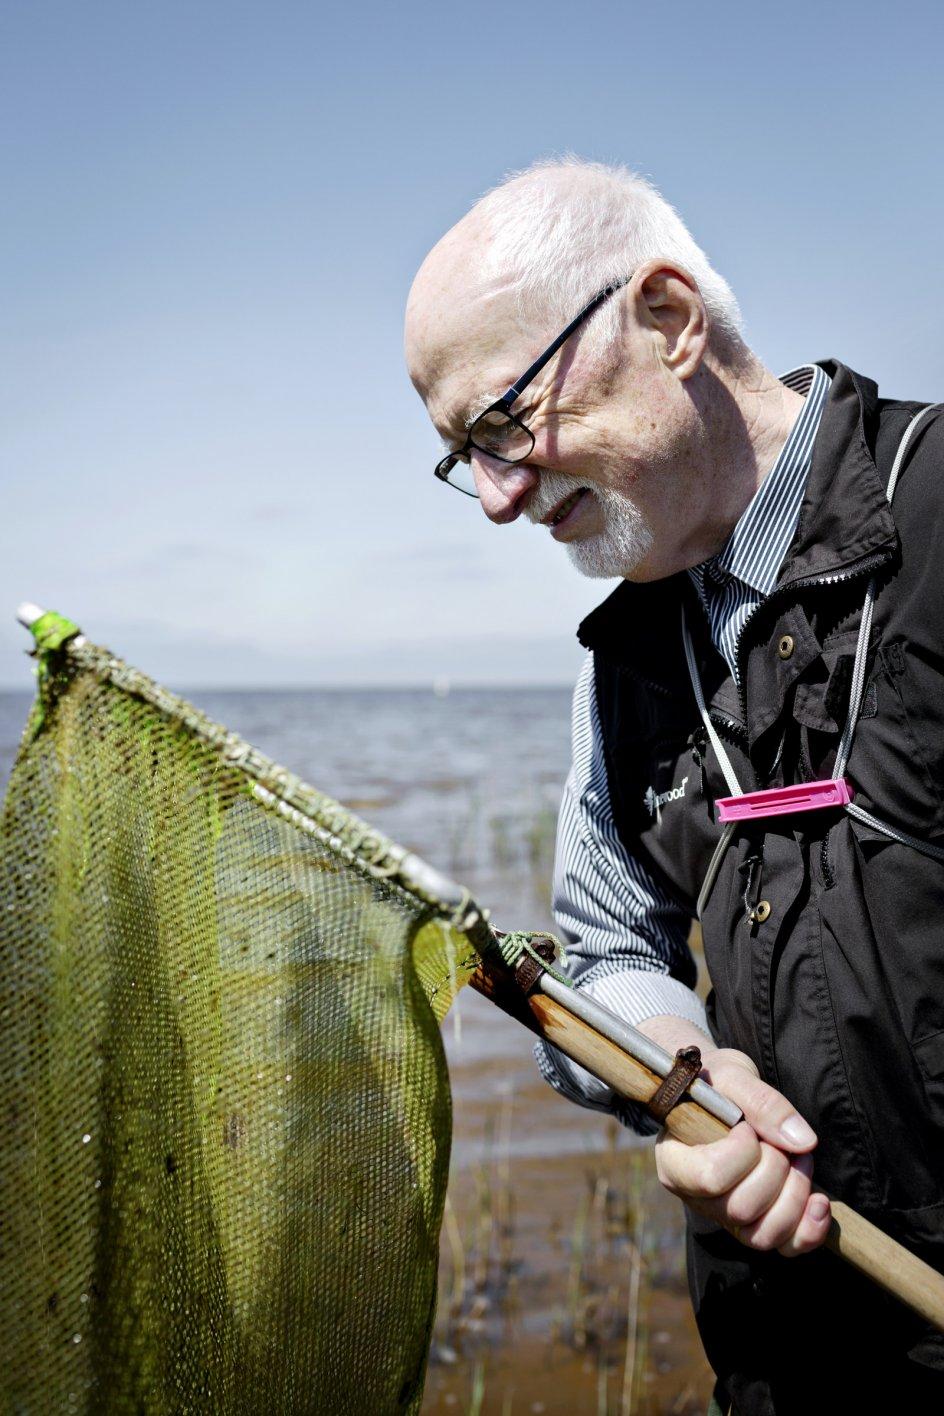 Det kræver kun et net – en såkaldt kese – og en rive at komme i gang som ravsamler. Bemærk også den lyserøde poseklemme, som Thomas Kristensen anbefaler alle, der gerne vil holde taskens snore på plads.